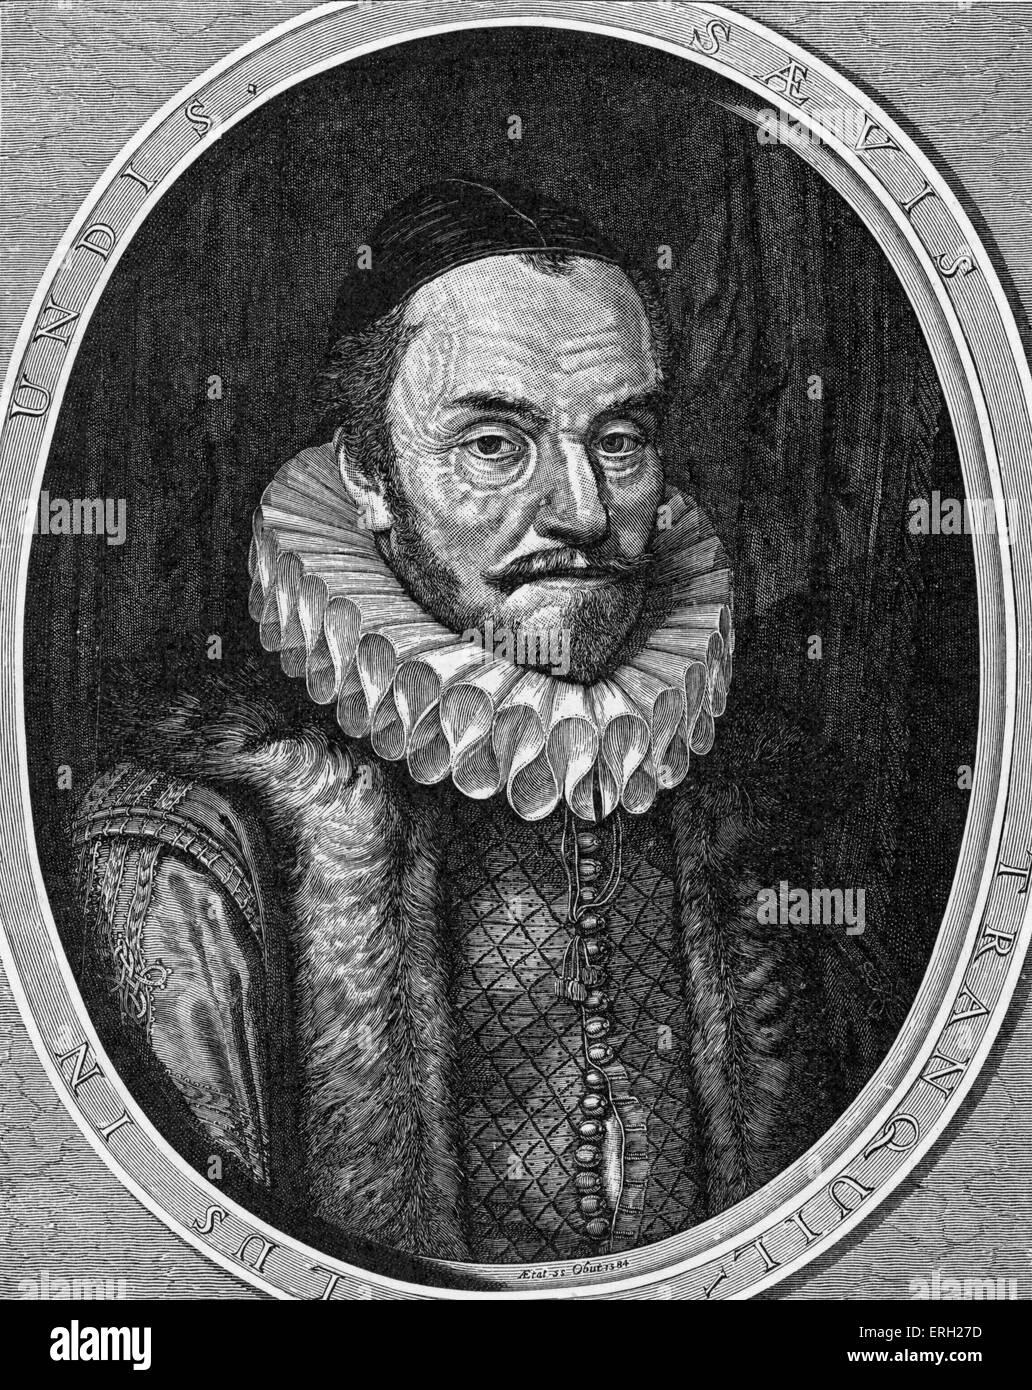 Guillermo I, príncipe de Orange, 24 de abril de 1533- 10 de julio de 1584, también conocido como Guillermo Imagen De Stock